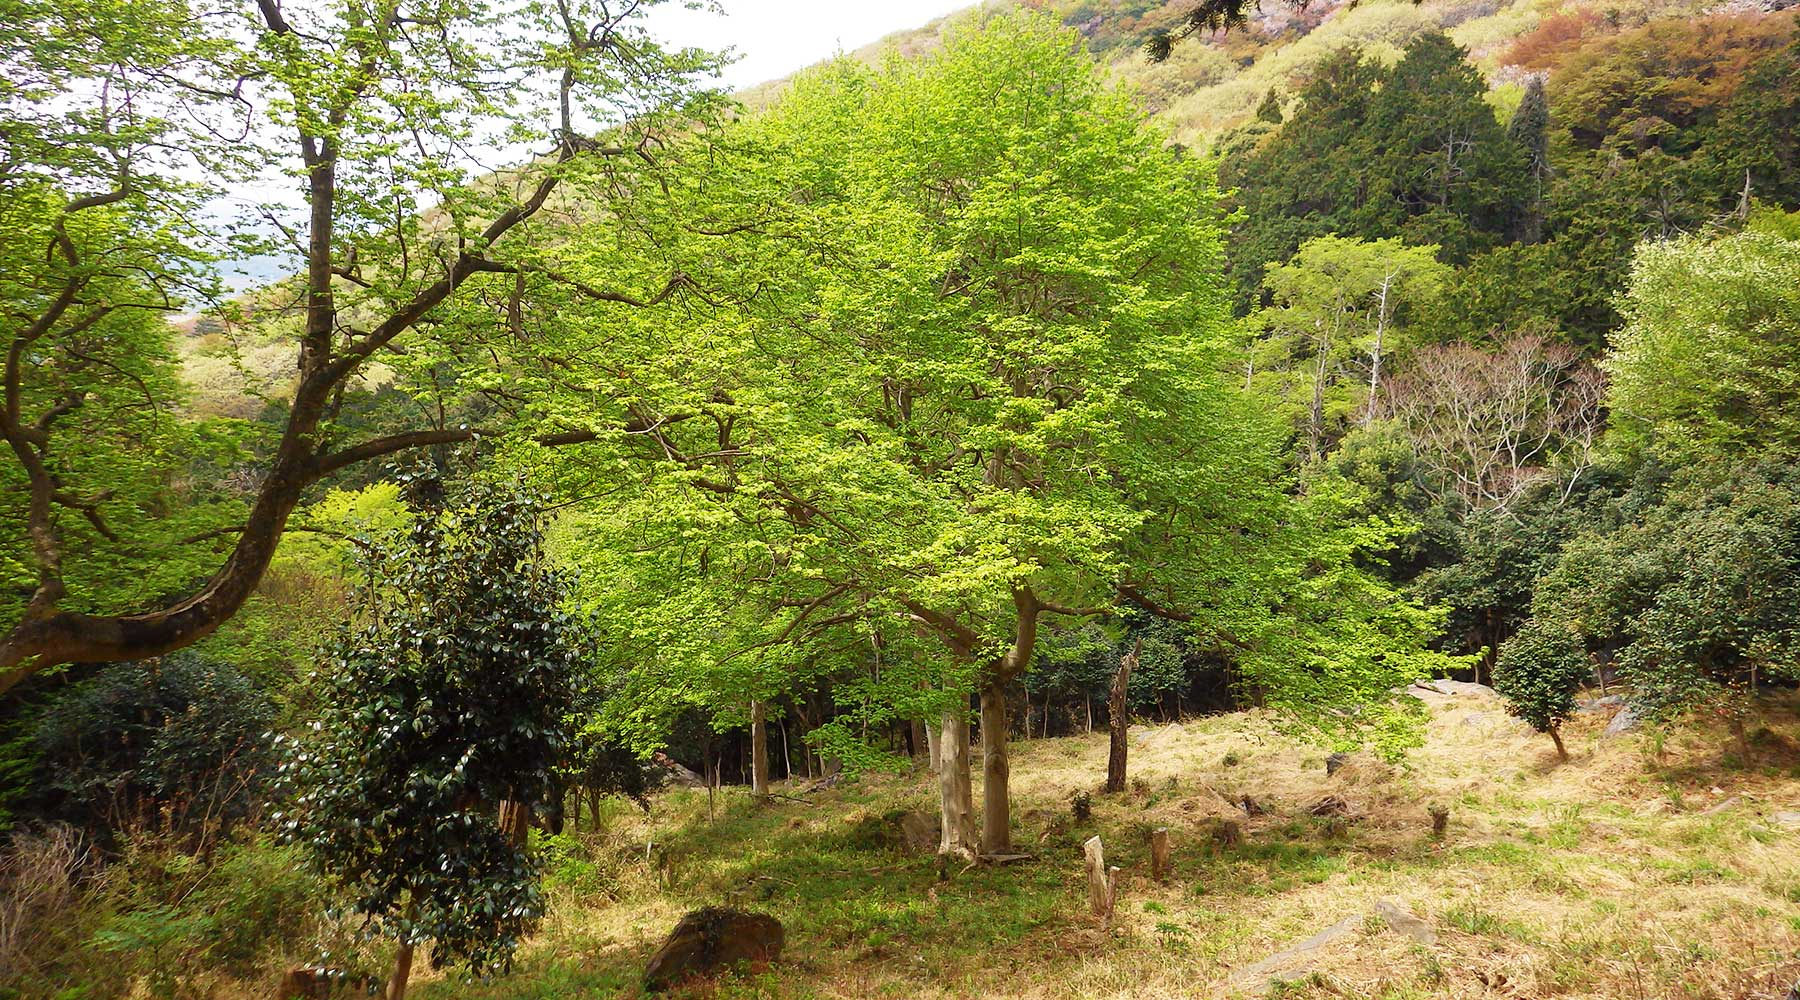 宝篋山極楽寺コース途中にあるコブシの木